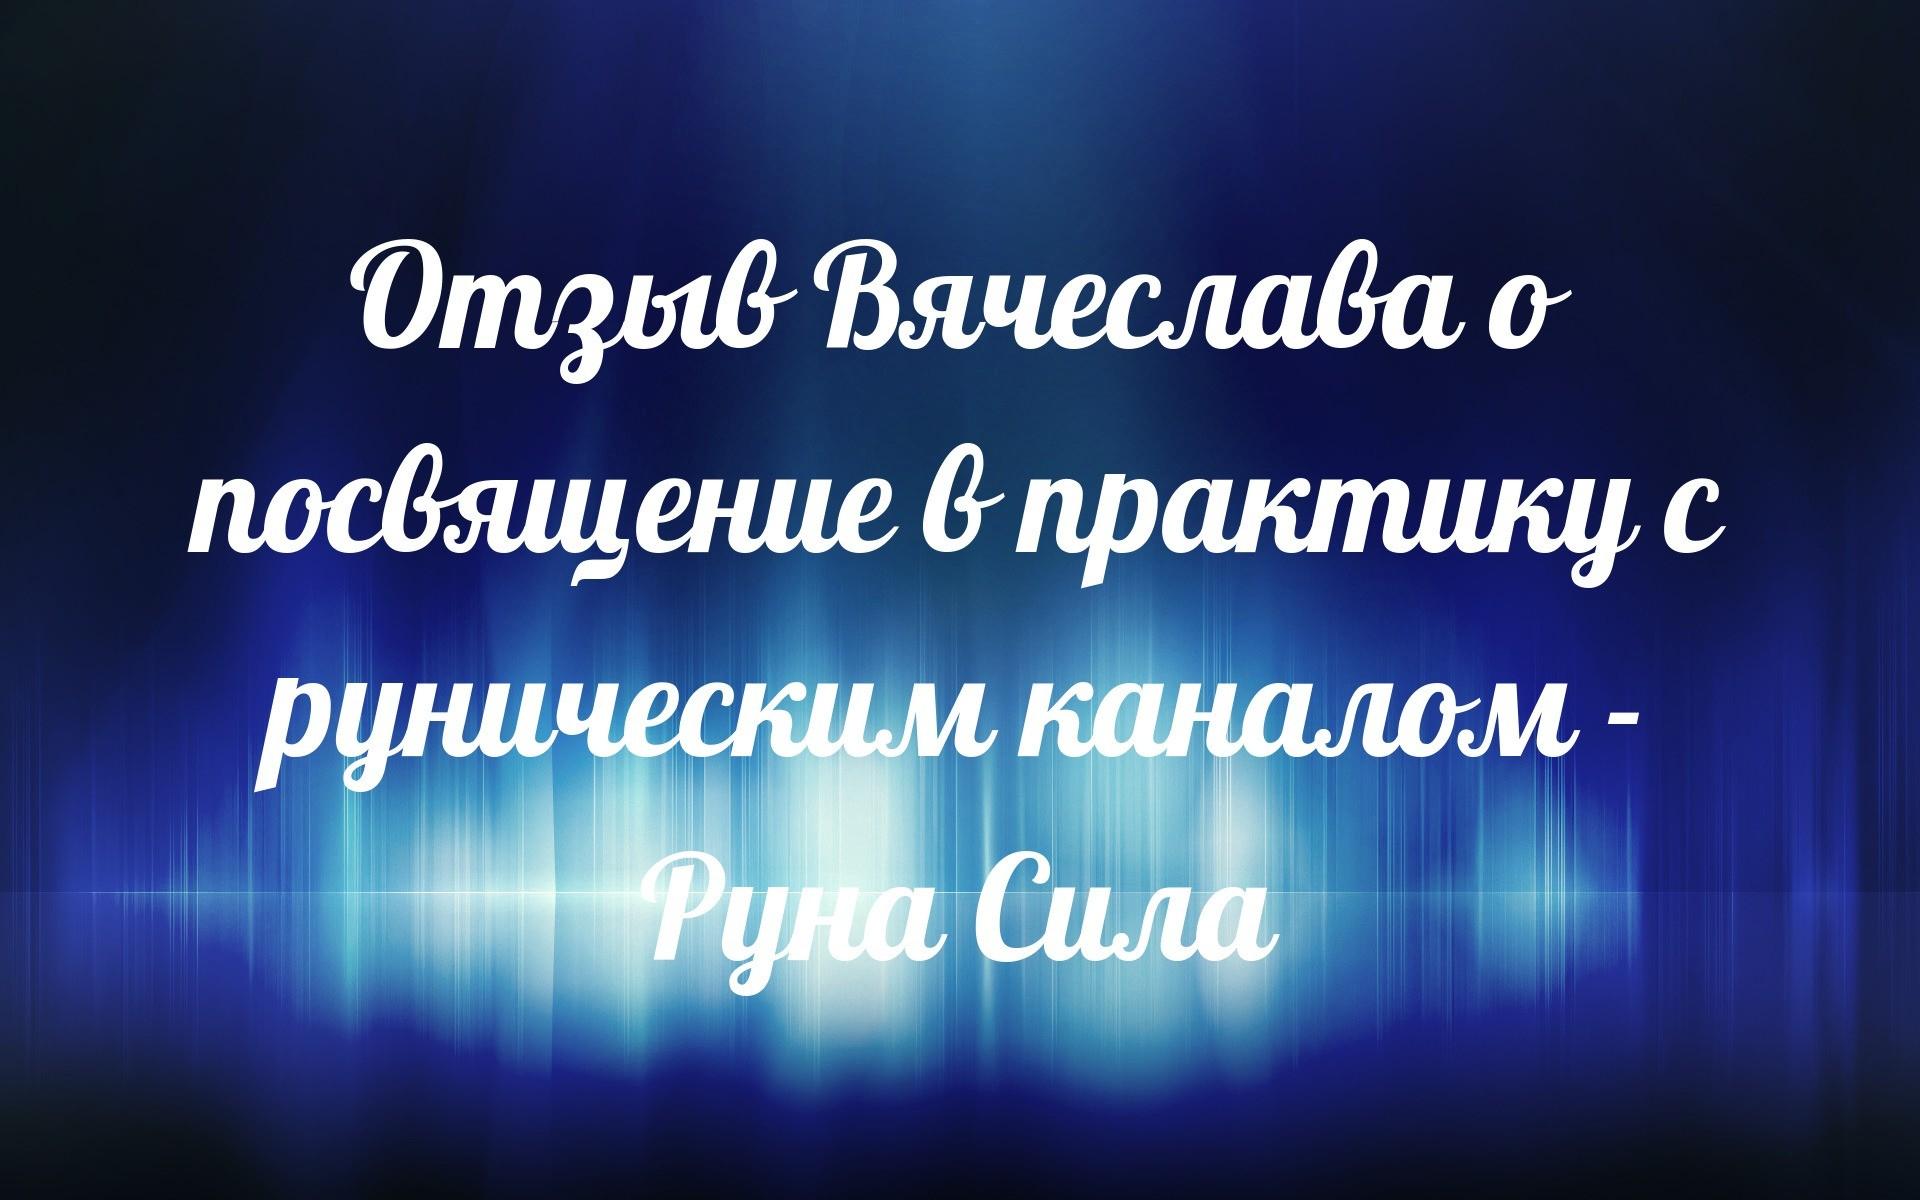 Отзыв Вячеслава о посвящение в практику с руническим каналом - Руна Сила